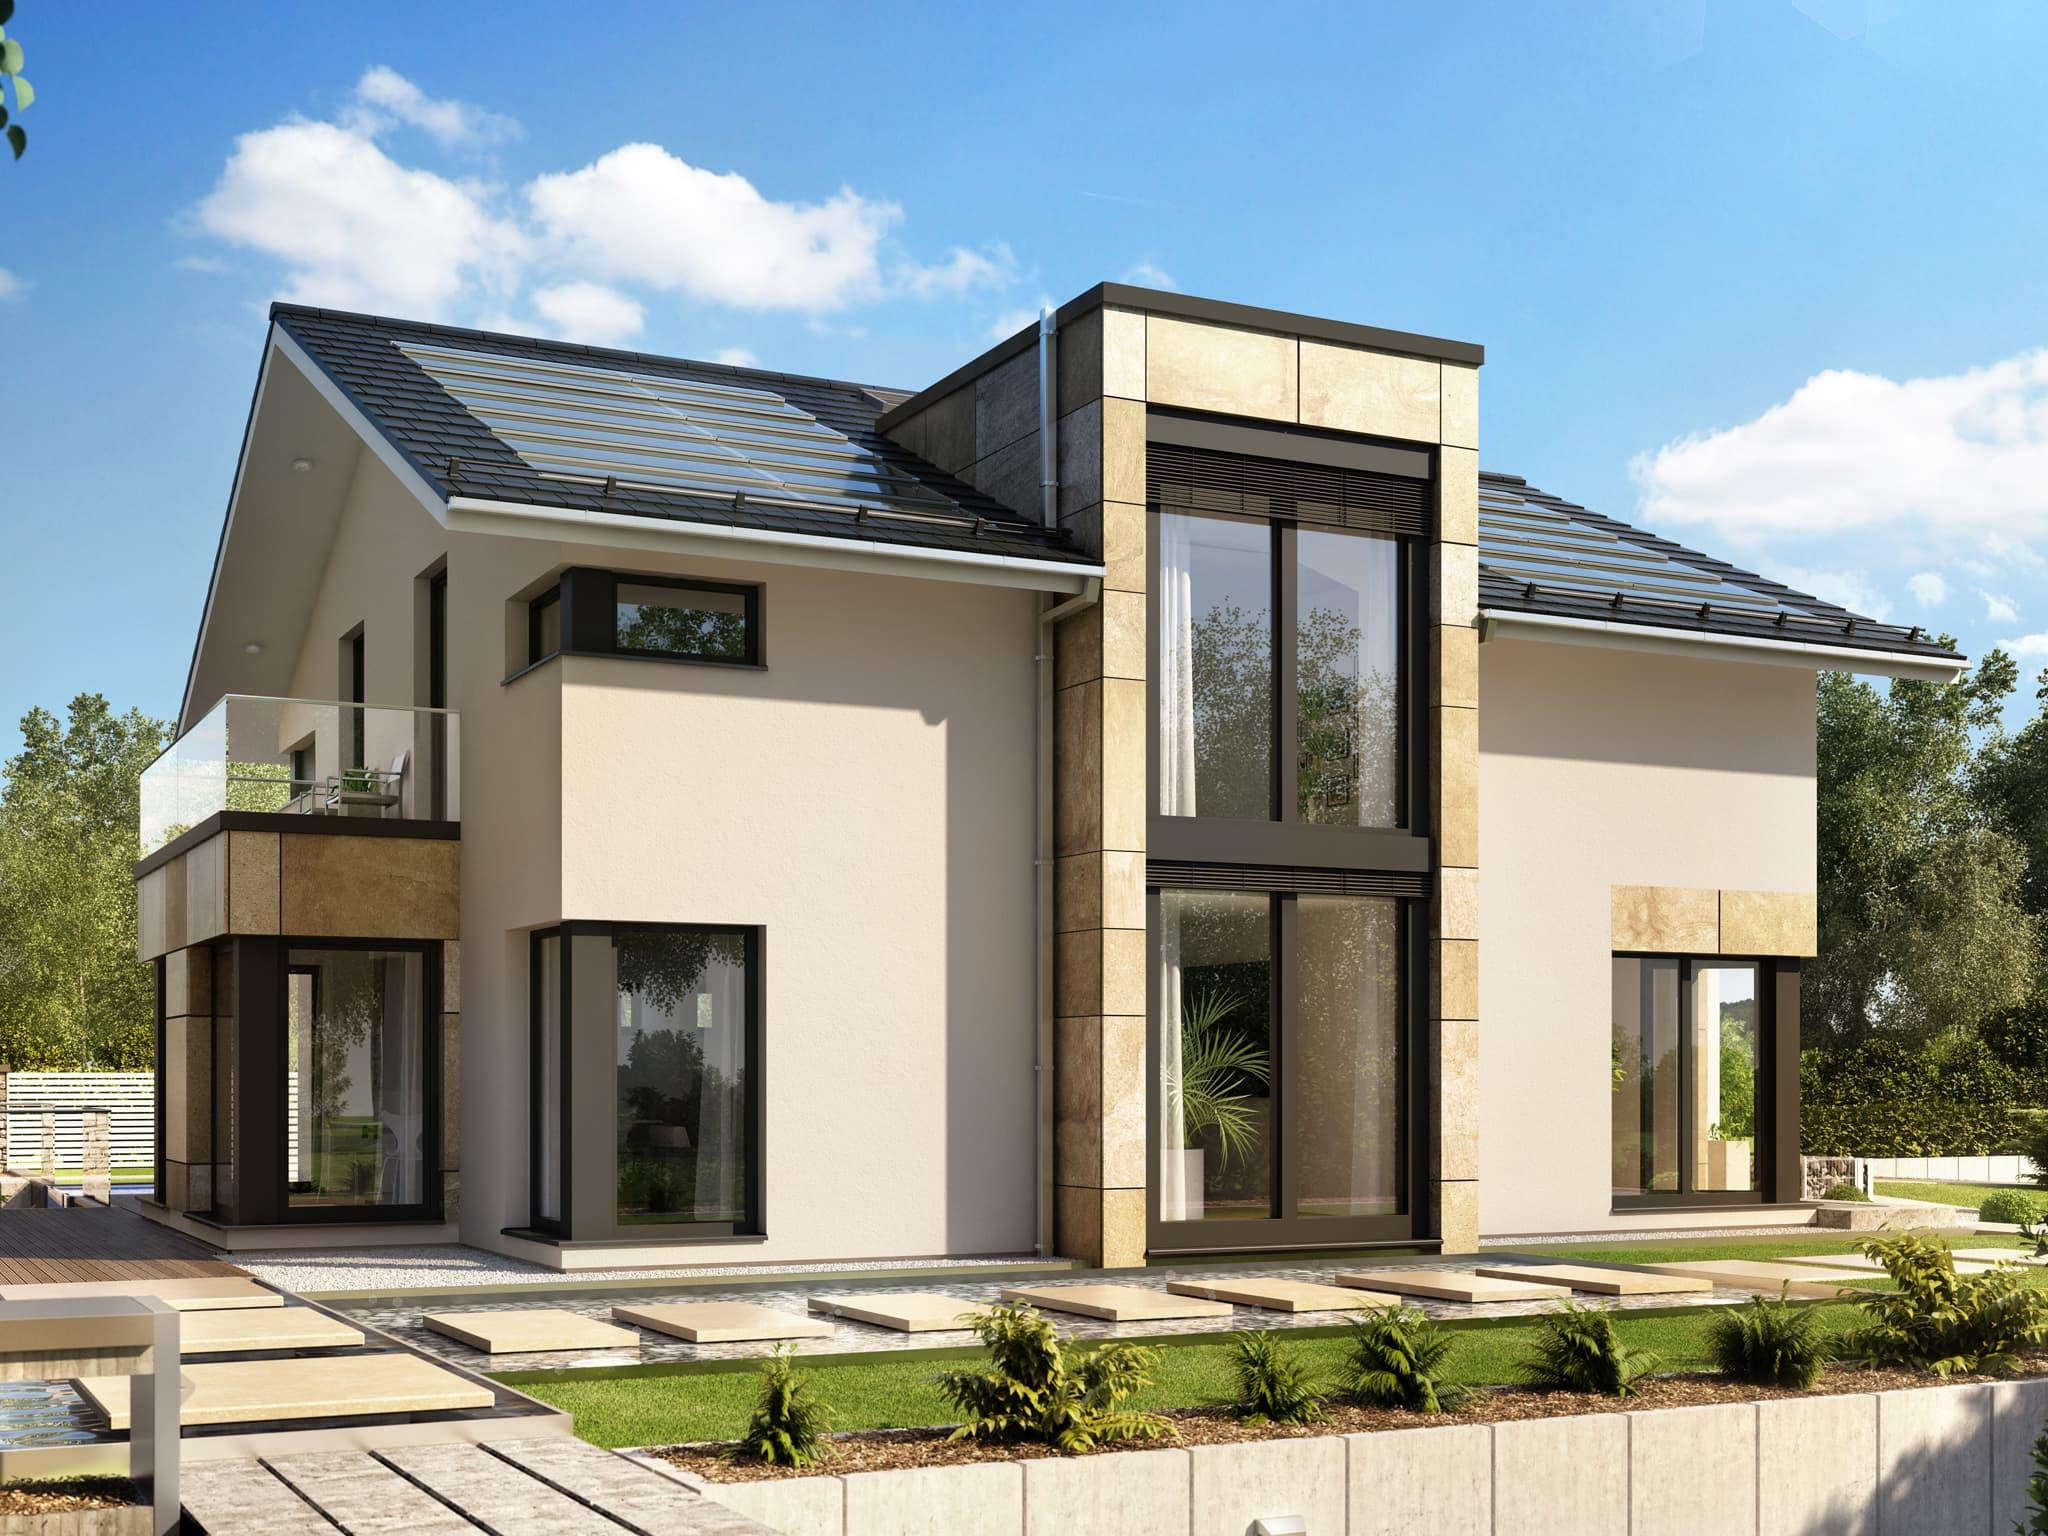 Einfamilienhaus modern mit Satteldach, 5 Zimmer Grundriss, 210 qm - Bien-Zenker Fertighaus CONCEPT-M Muenchen - HausbauDirekt.de